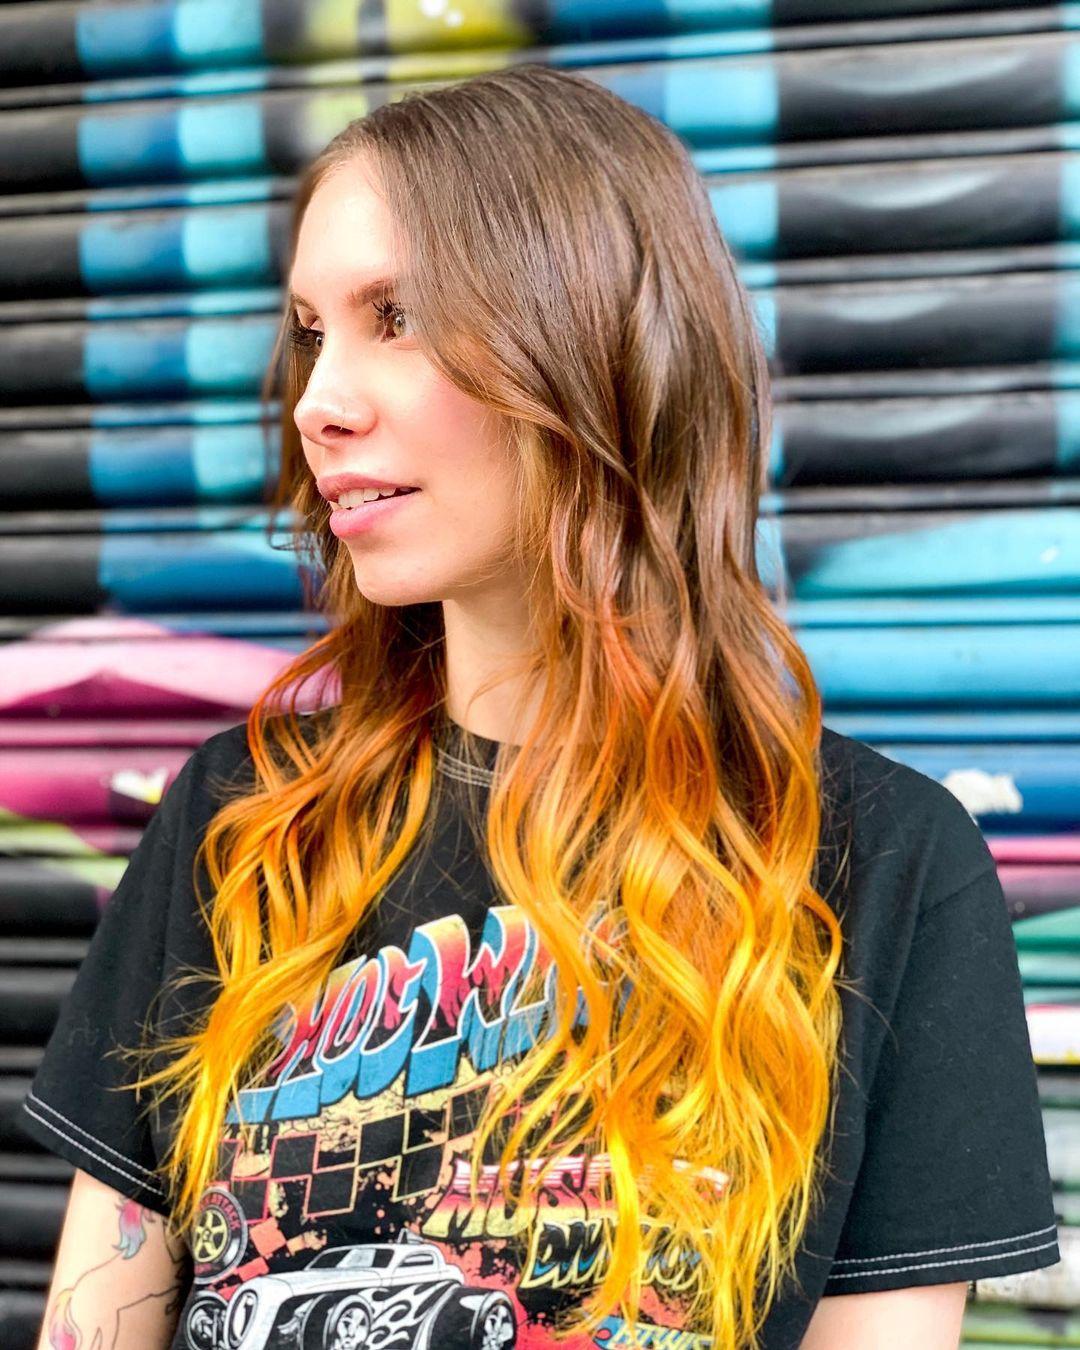 Mulher de perfil olhando para a direita. Ela está vestindo uma camiseta preta com uma estampa de letras coloridas, cabelo solto, ondulado e com as pontas amarelas